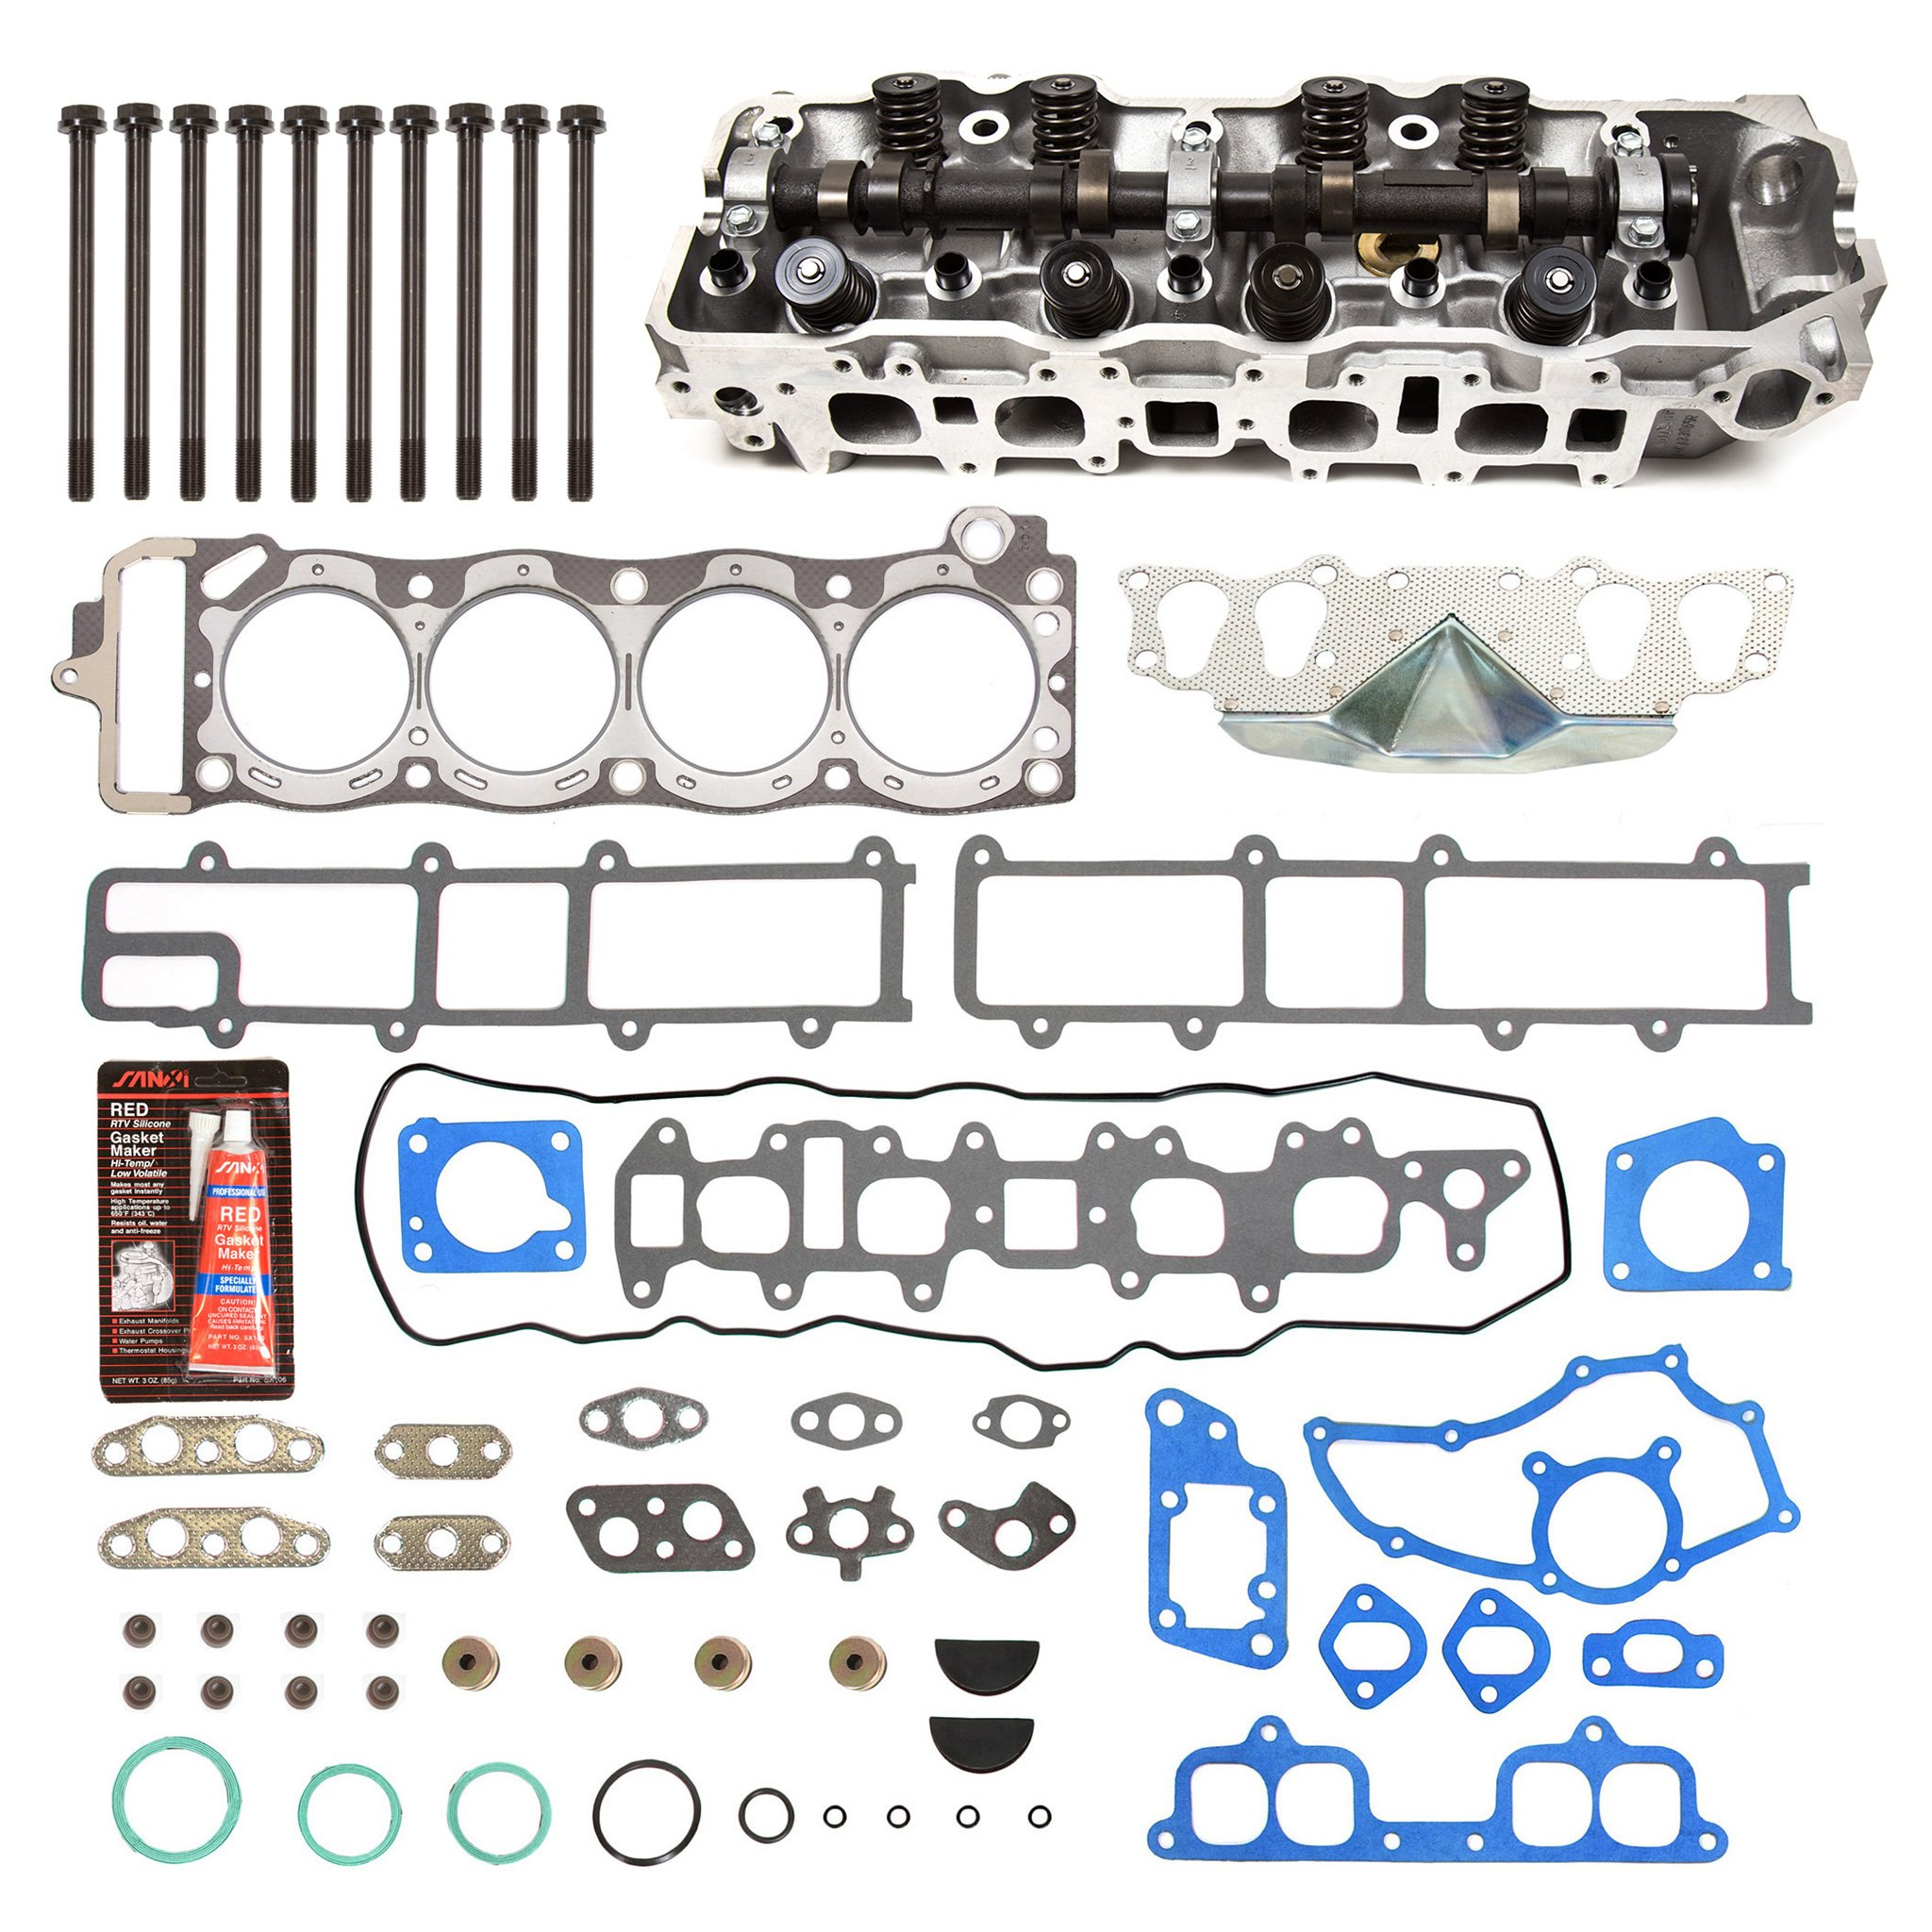 Evergreen CHHSHB2000 85-95 Toyota 2.4 SOHC 22R 22RE 22REC Cylinder Head w/ Gasket Set Head Bolts